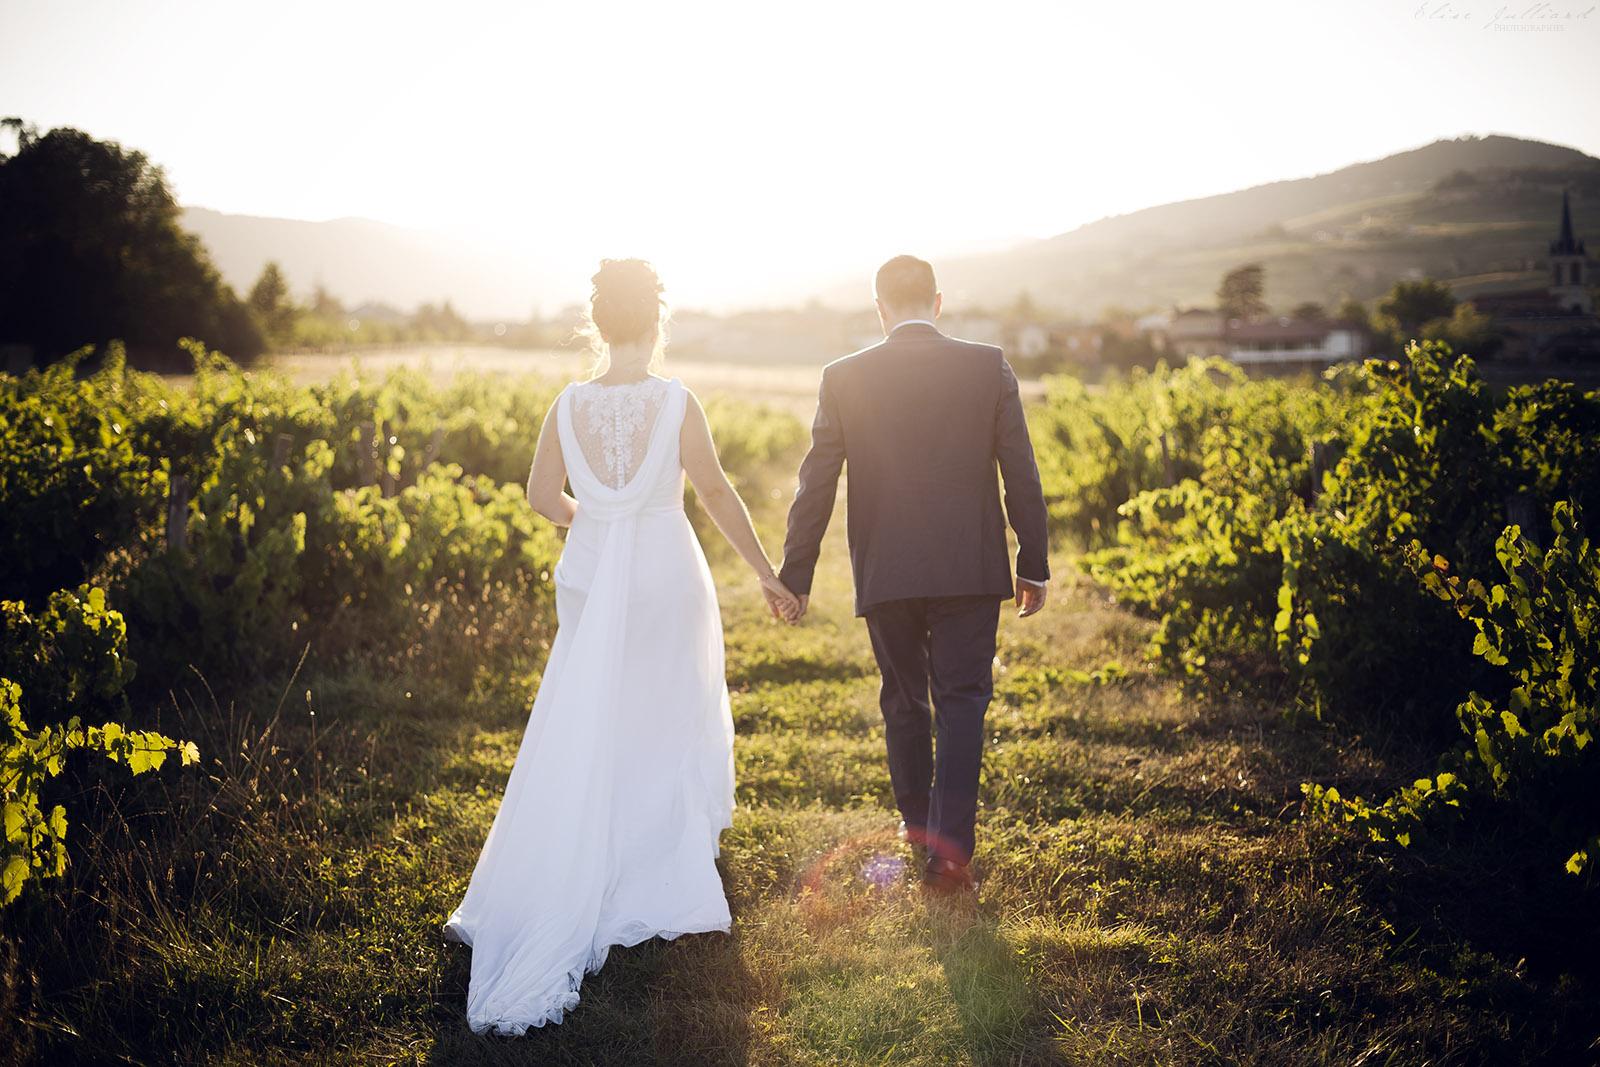 photographe-mariage-wedding-photographer-lyon-auvergne-rhone-alpes-domaine-de-benevant-benice-couple-portrait-beaujolais-9